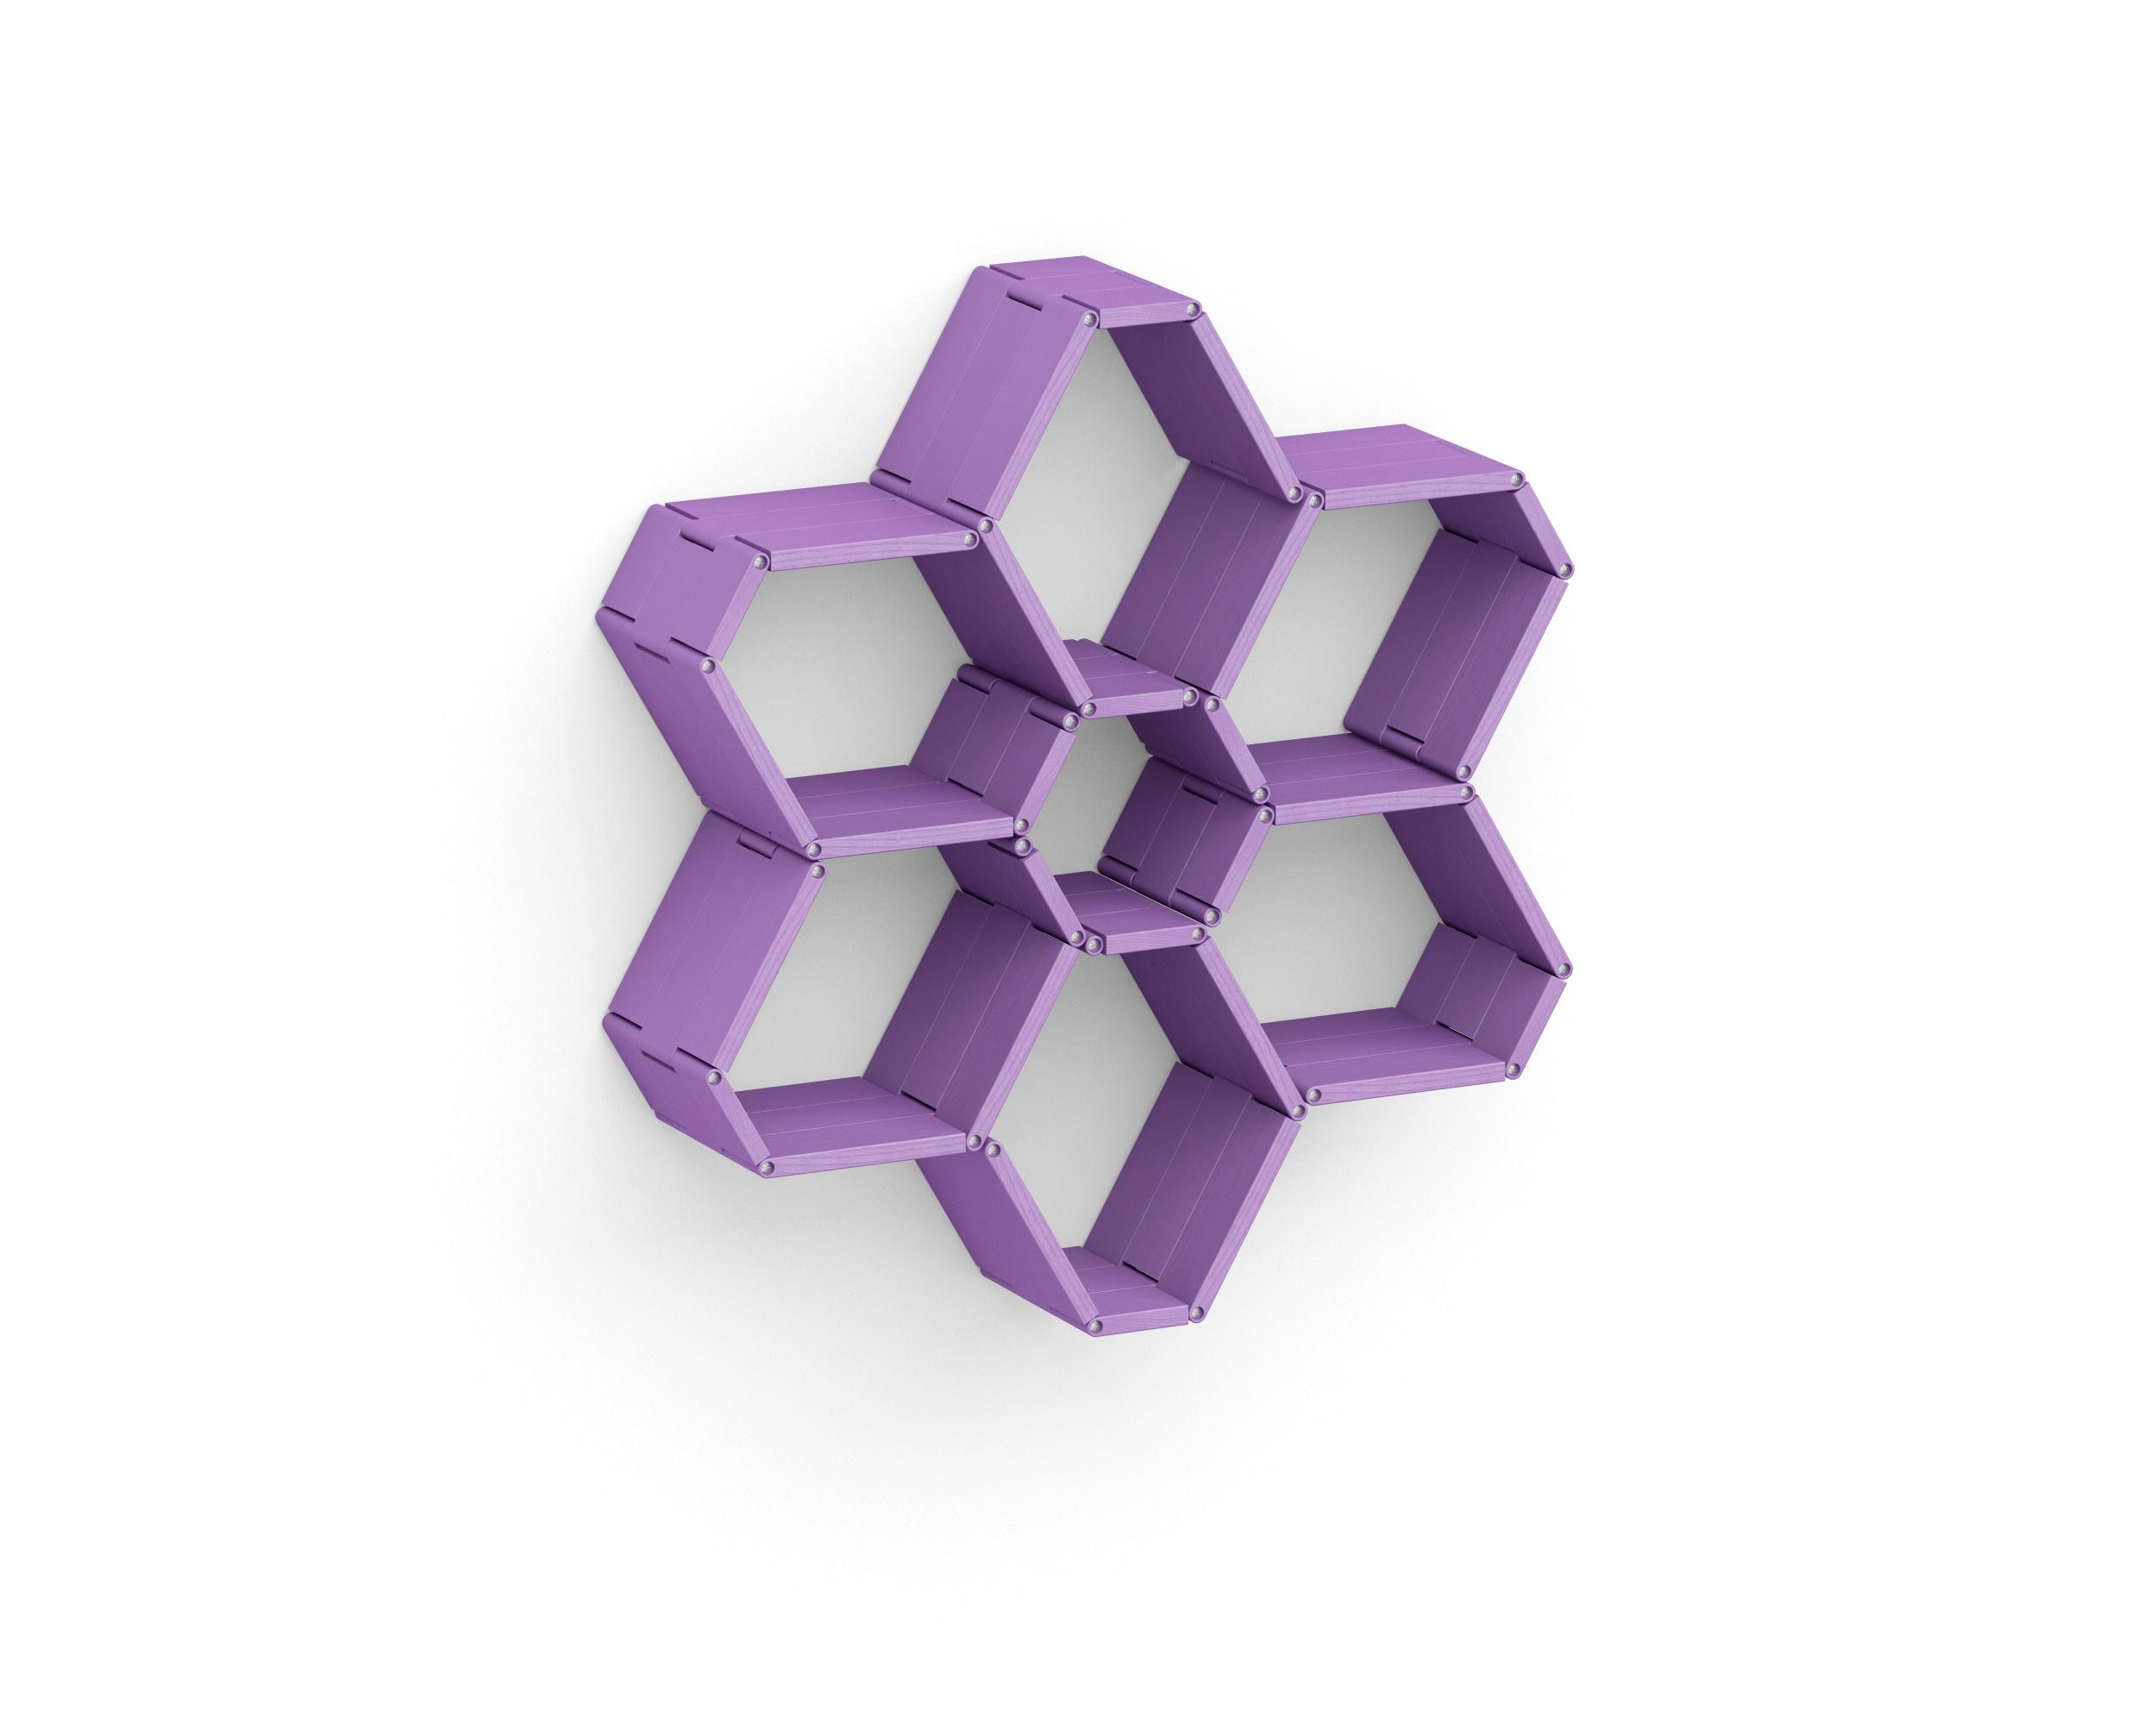 Полка-конструктор LATITUDE Flex Shelf set 119Полки<br>Добавить романтизм и нежность эклектичному оформлению? Нет ничего проще с &amp;quot;Latitude Flex Shelf Set 119&amp;quot;! Оригинальная полка-трансформер, которая принимает форму цветка, сможет преобразить интерьер спальни или гостиной. Конструкция фиалкового цвета привнесет в окружающее пространство частицу изящества и восторженной мечтательности. Эти качества будут контрастно смотреться в ярком дизайне, добавляя ему больше эпатажного очарования.<br><br>Material: Ясень<br>Width см: 86<br>Depth см: 22<br>Height см: 92